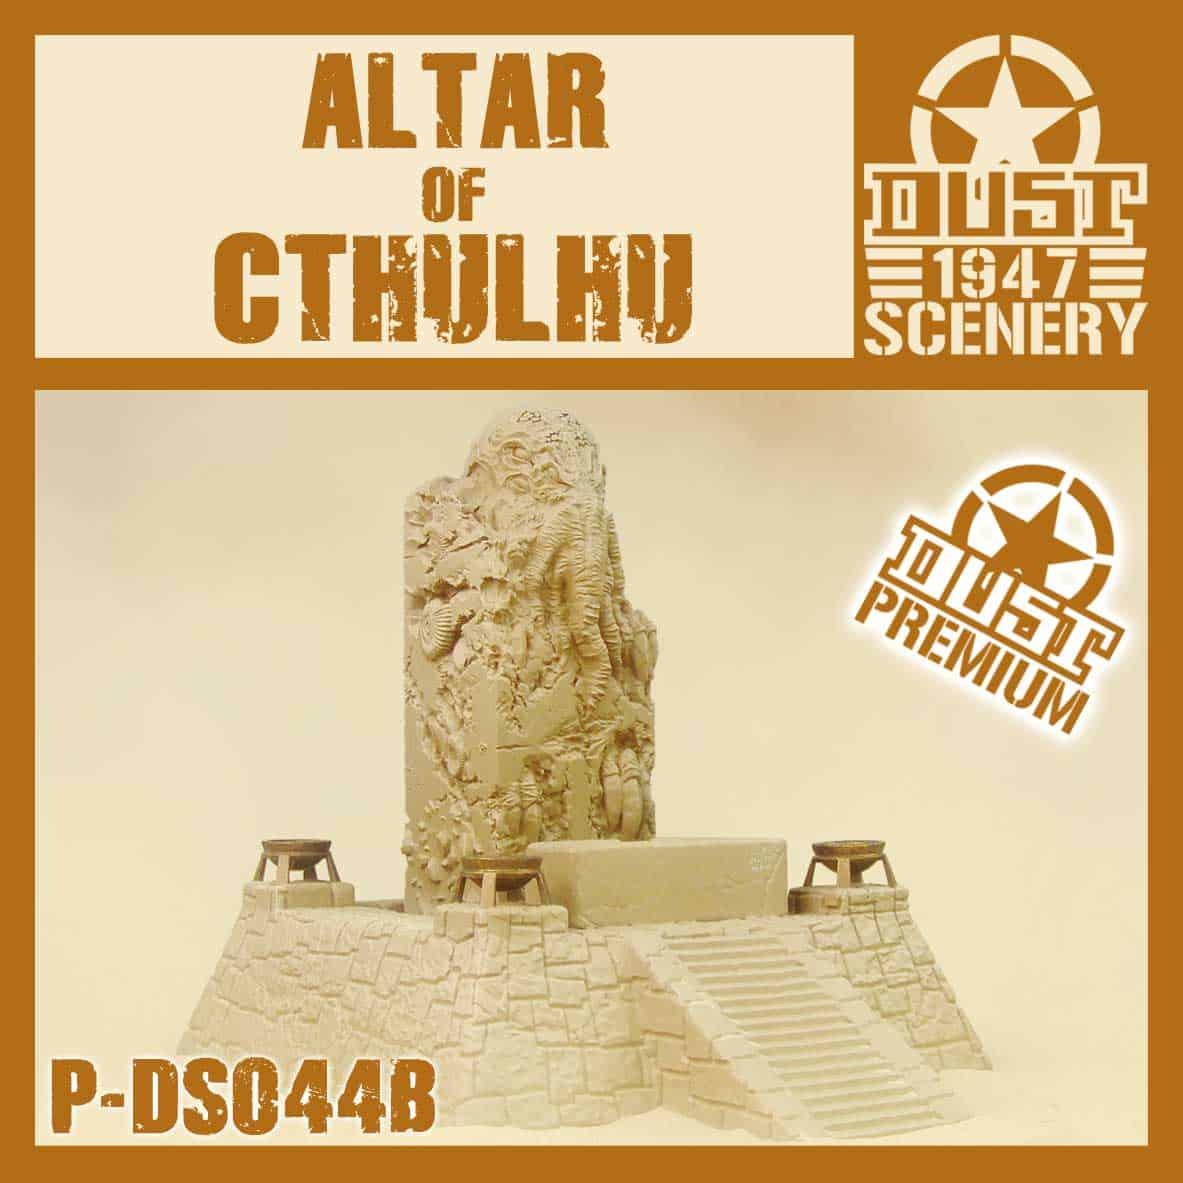 Ołtarz Cthulhu Malowanie Babilon